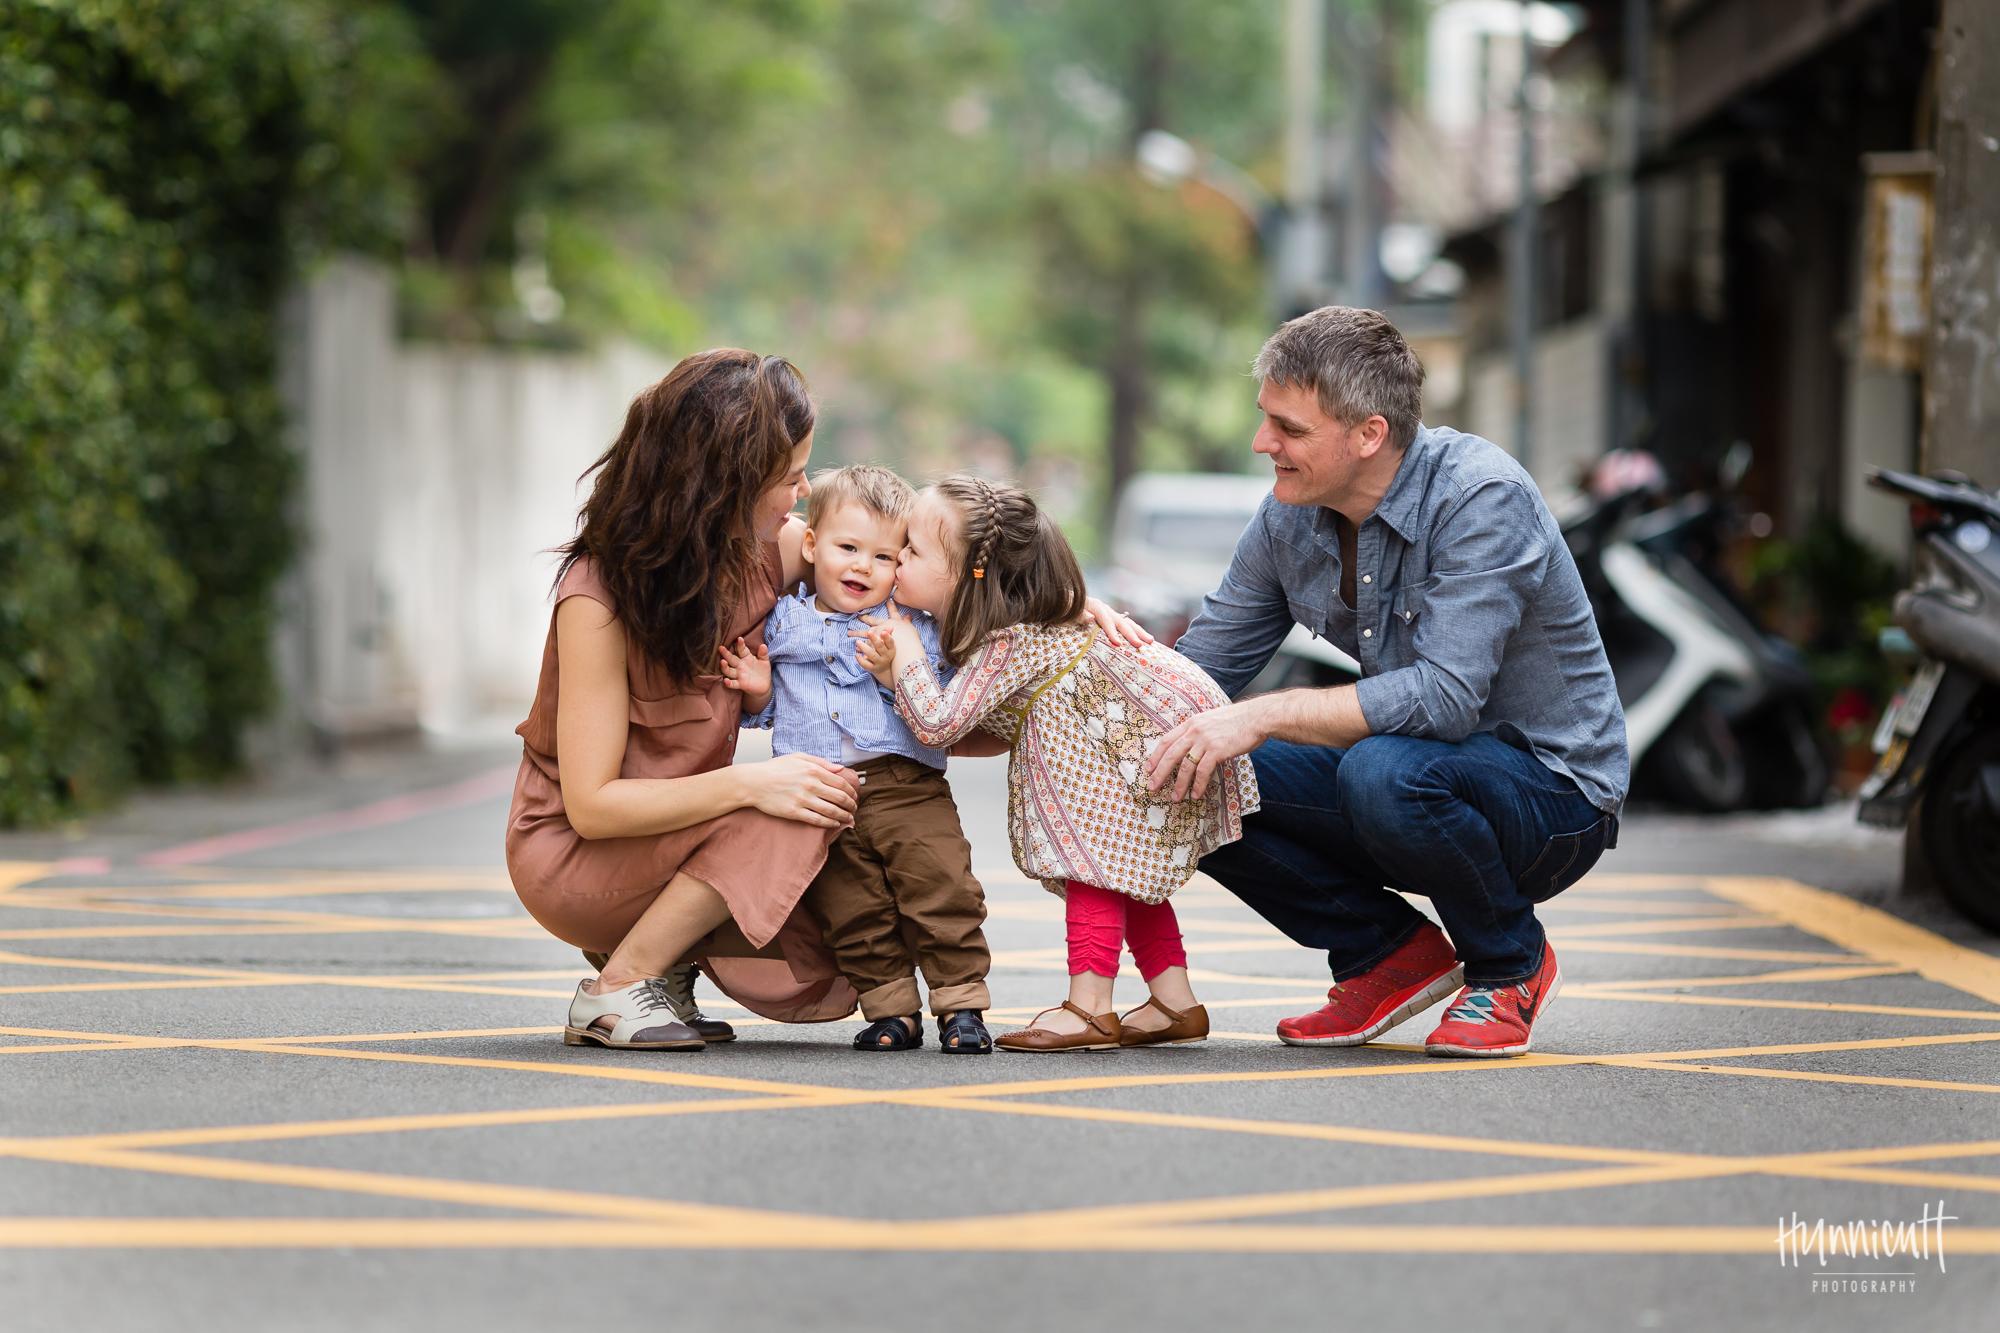 Taiwan-Urban-Lifestle-Duck-Family-HunnicuttPHotography-17